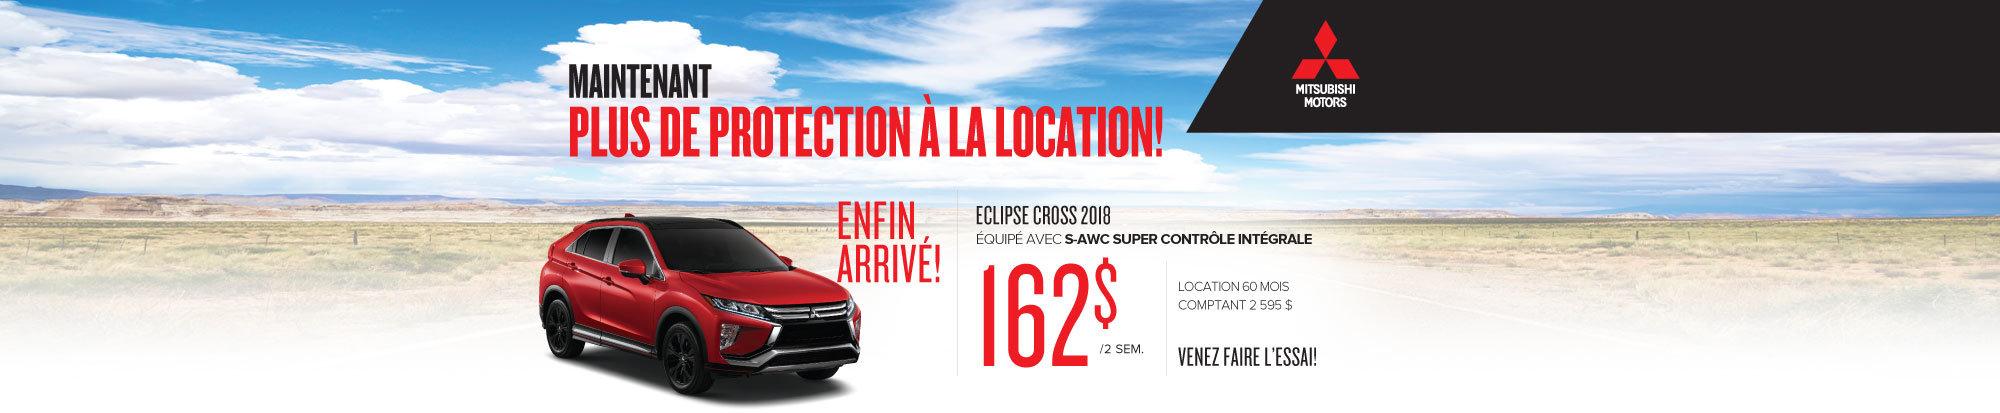 Le 100% nouveau Eclipse Cross 2018 est enfin arrivé chez Mitsubishi! web